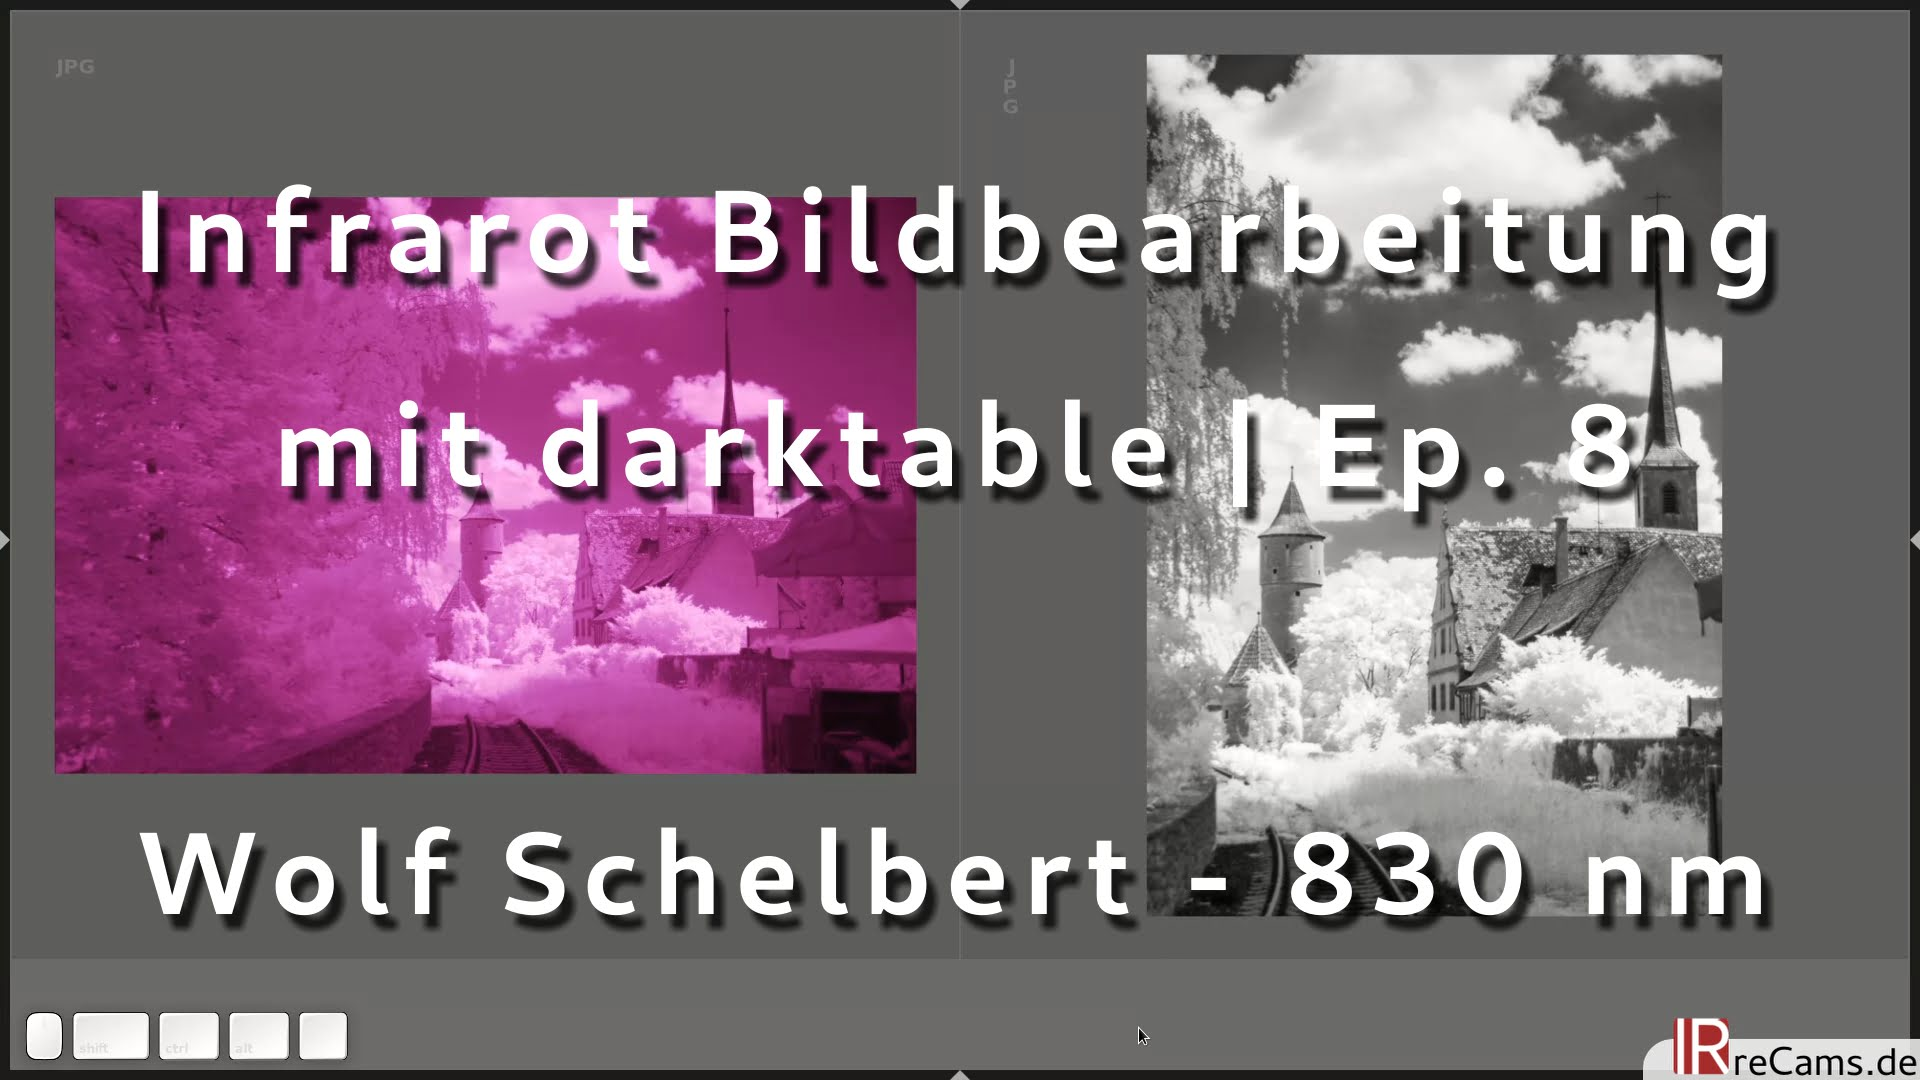 Infrarot Bildbearbeitung Episode 8